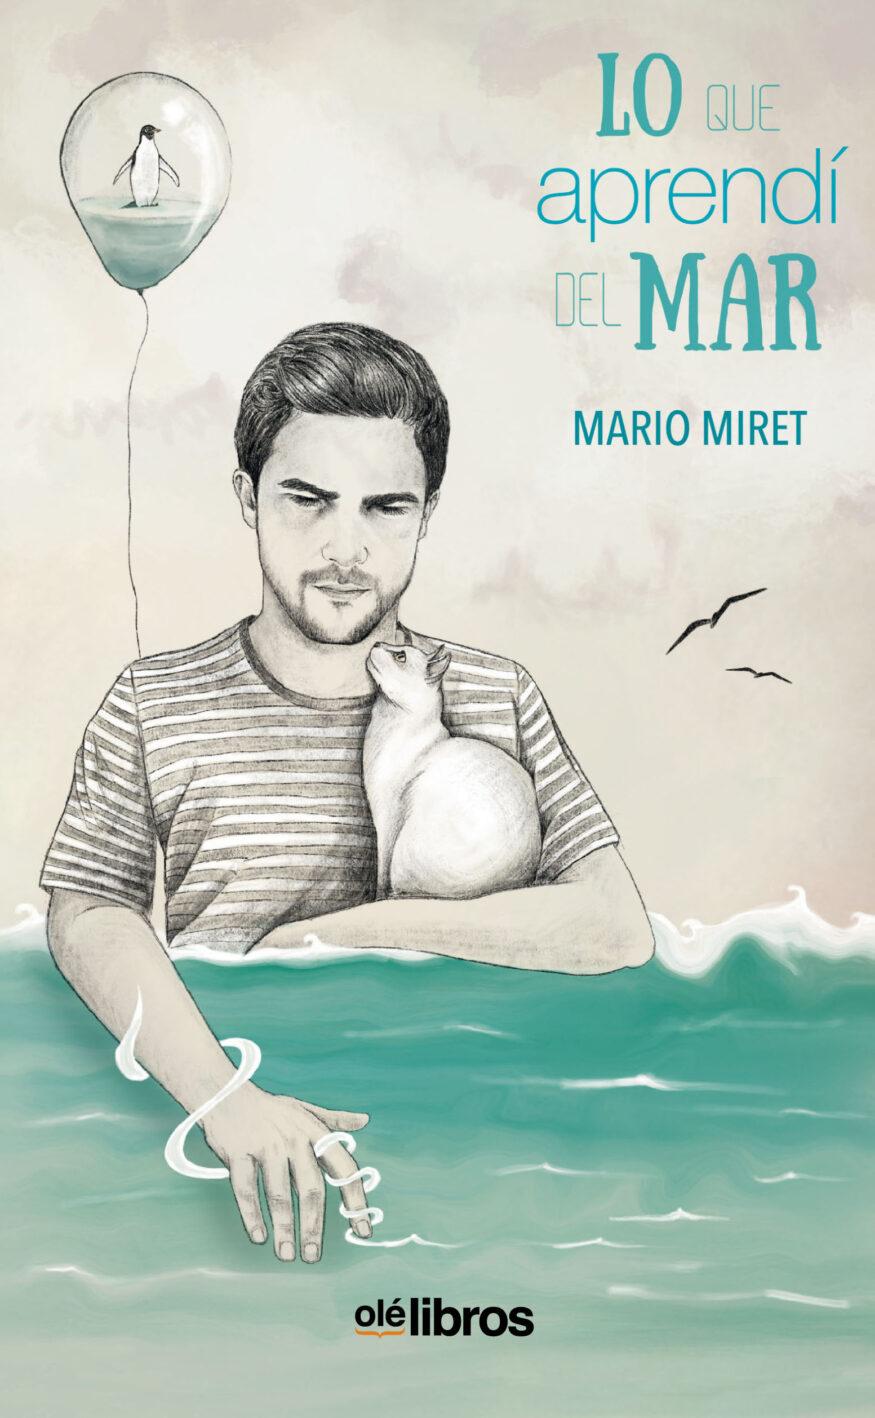 9788418759260_lo_que_aprendi_del_mar_ole_libros